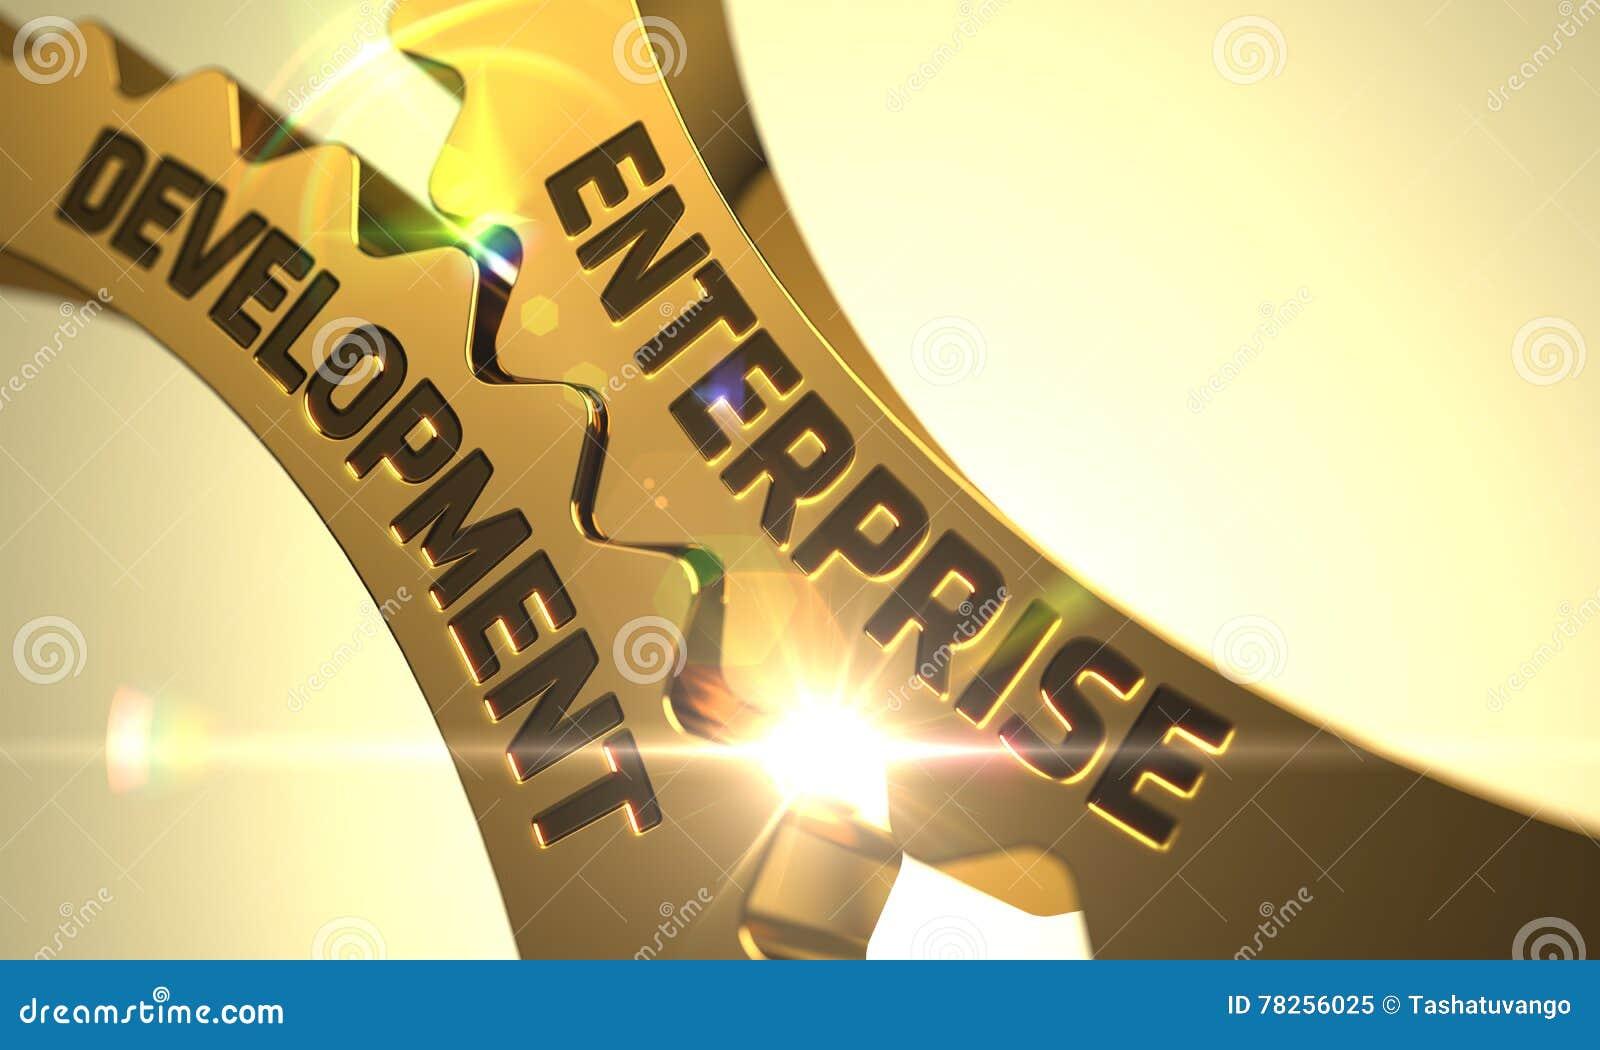 Έννοια επιχειρηματικής ανάπτυξης Χρυσά μεταλλικά εργαλεία τρισδιάστατος